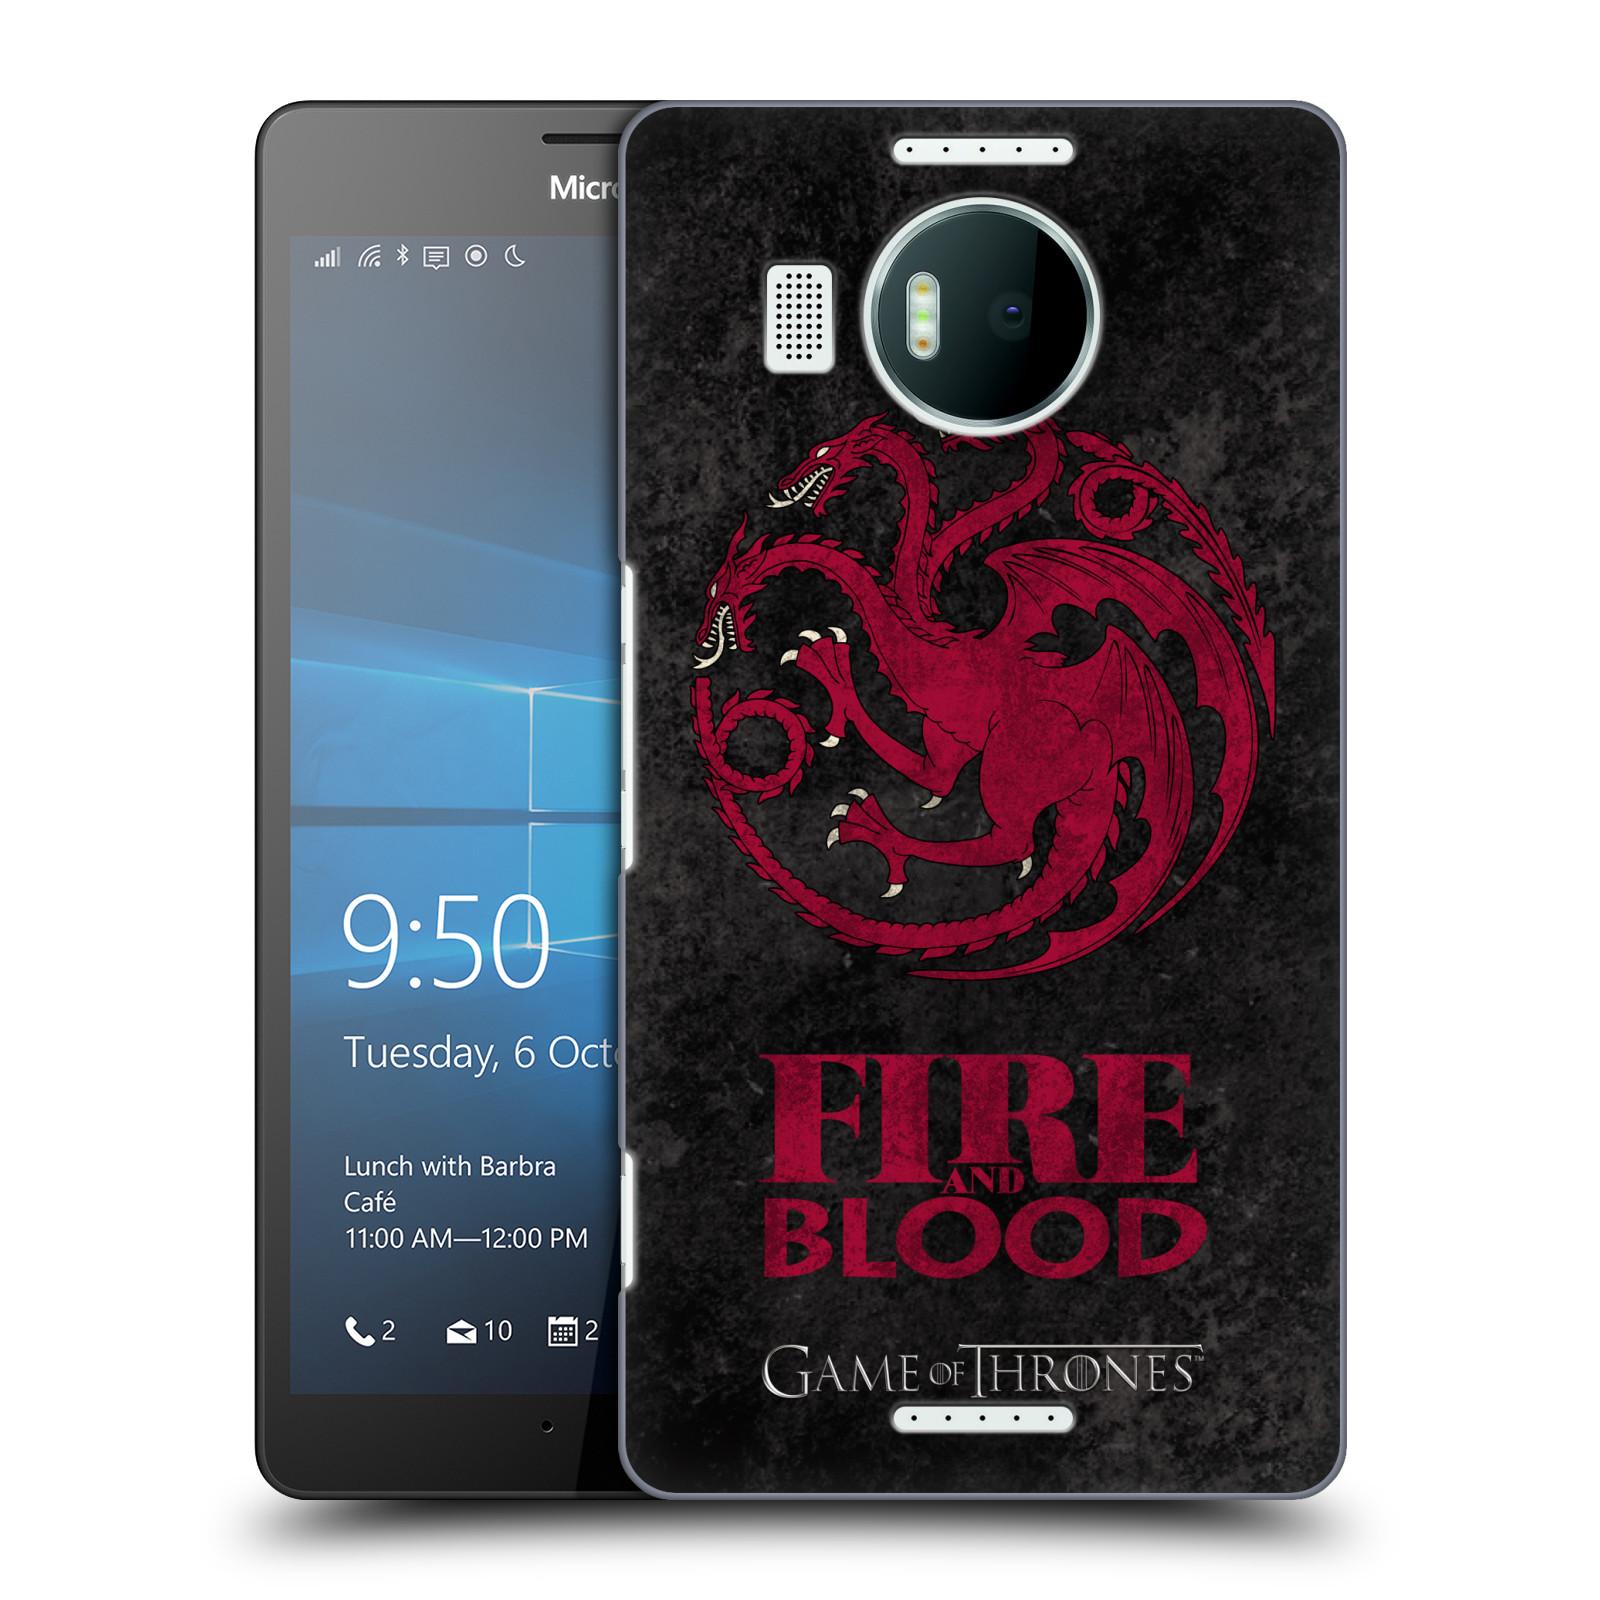 Plastové pouzdro na mobil Microsoft Lumia 950 XL HEAD CASE Hra o trůny - Sigils Targaryen - Fire and Blood (Plastový kryt či obal na mobilní telefon s licencovaným motivem Hra o trůny - Game Of Thrones pro Microsoft Lumia 950 XL)